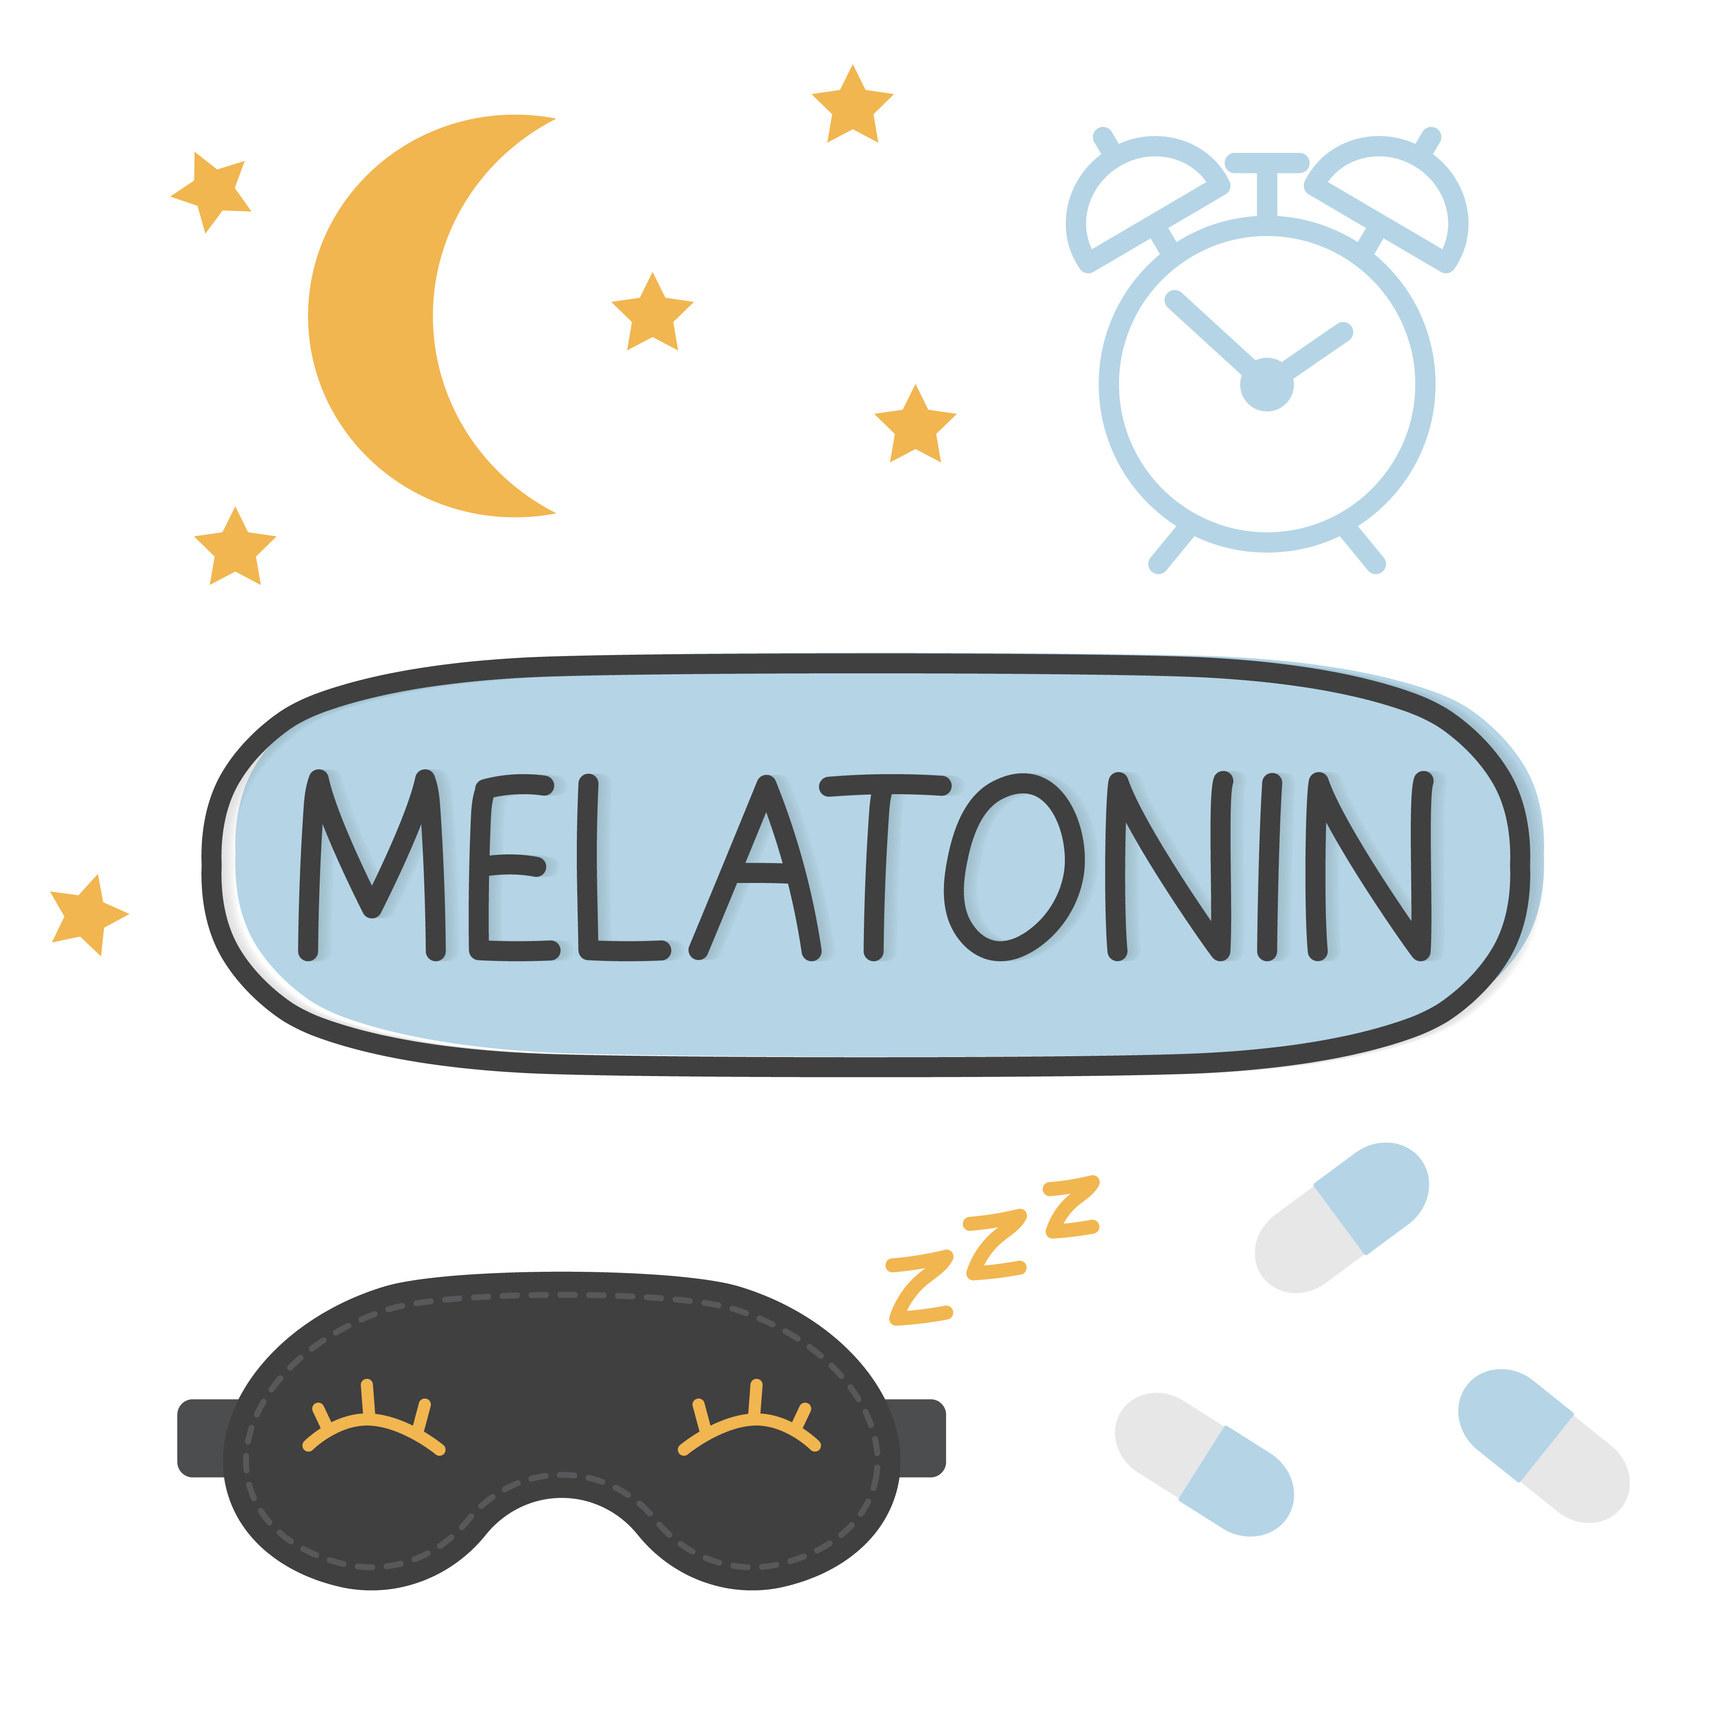 cartoon drawing of melatonin